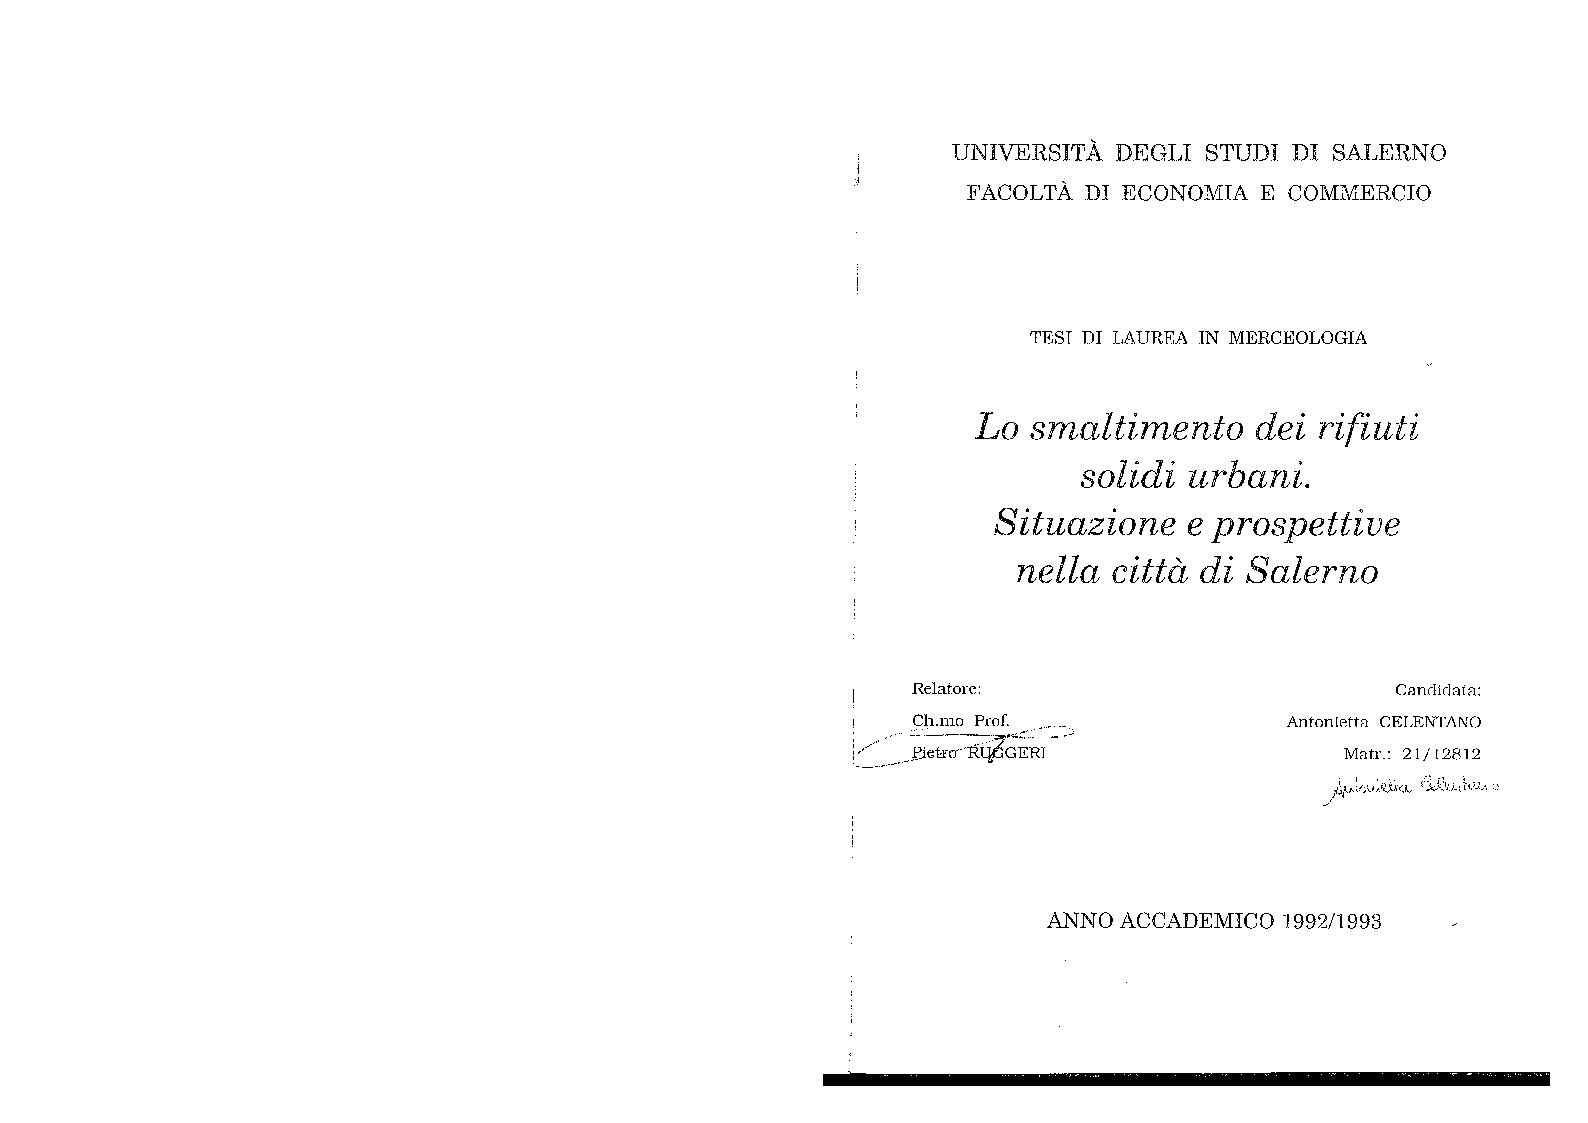 Anteprima della tesi: Lo smaltimento dei rifiuti solidi urbani. Situazioni e prospettive nella città di Salerno., Pagina 1